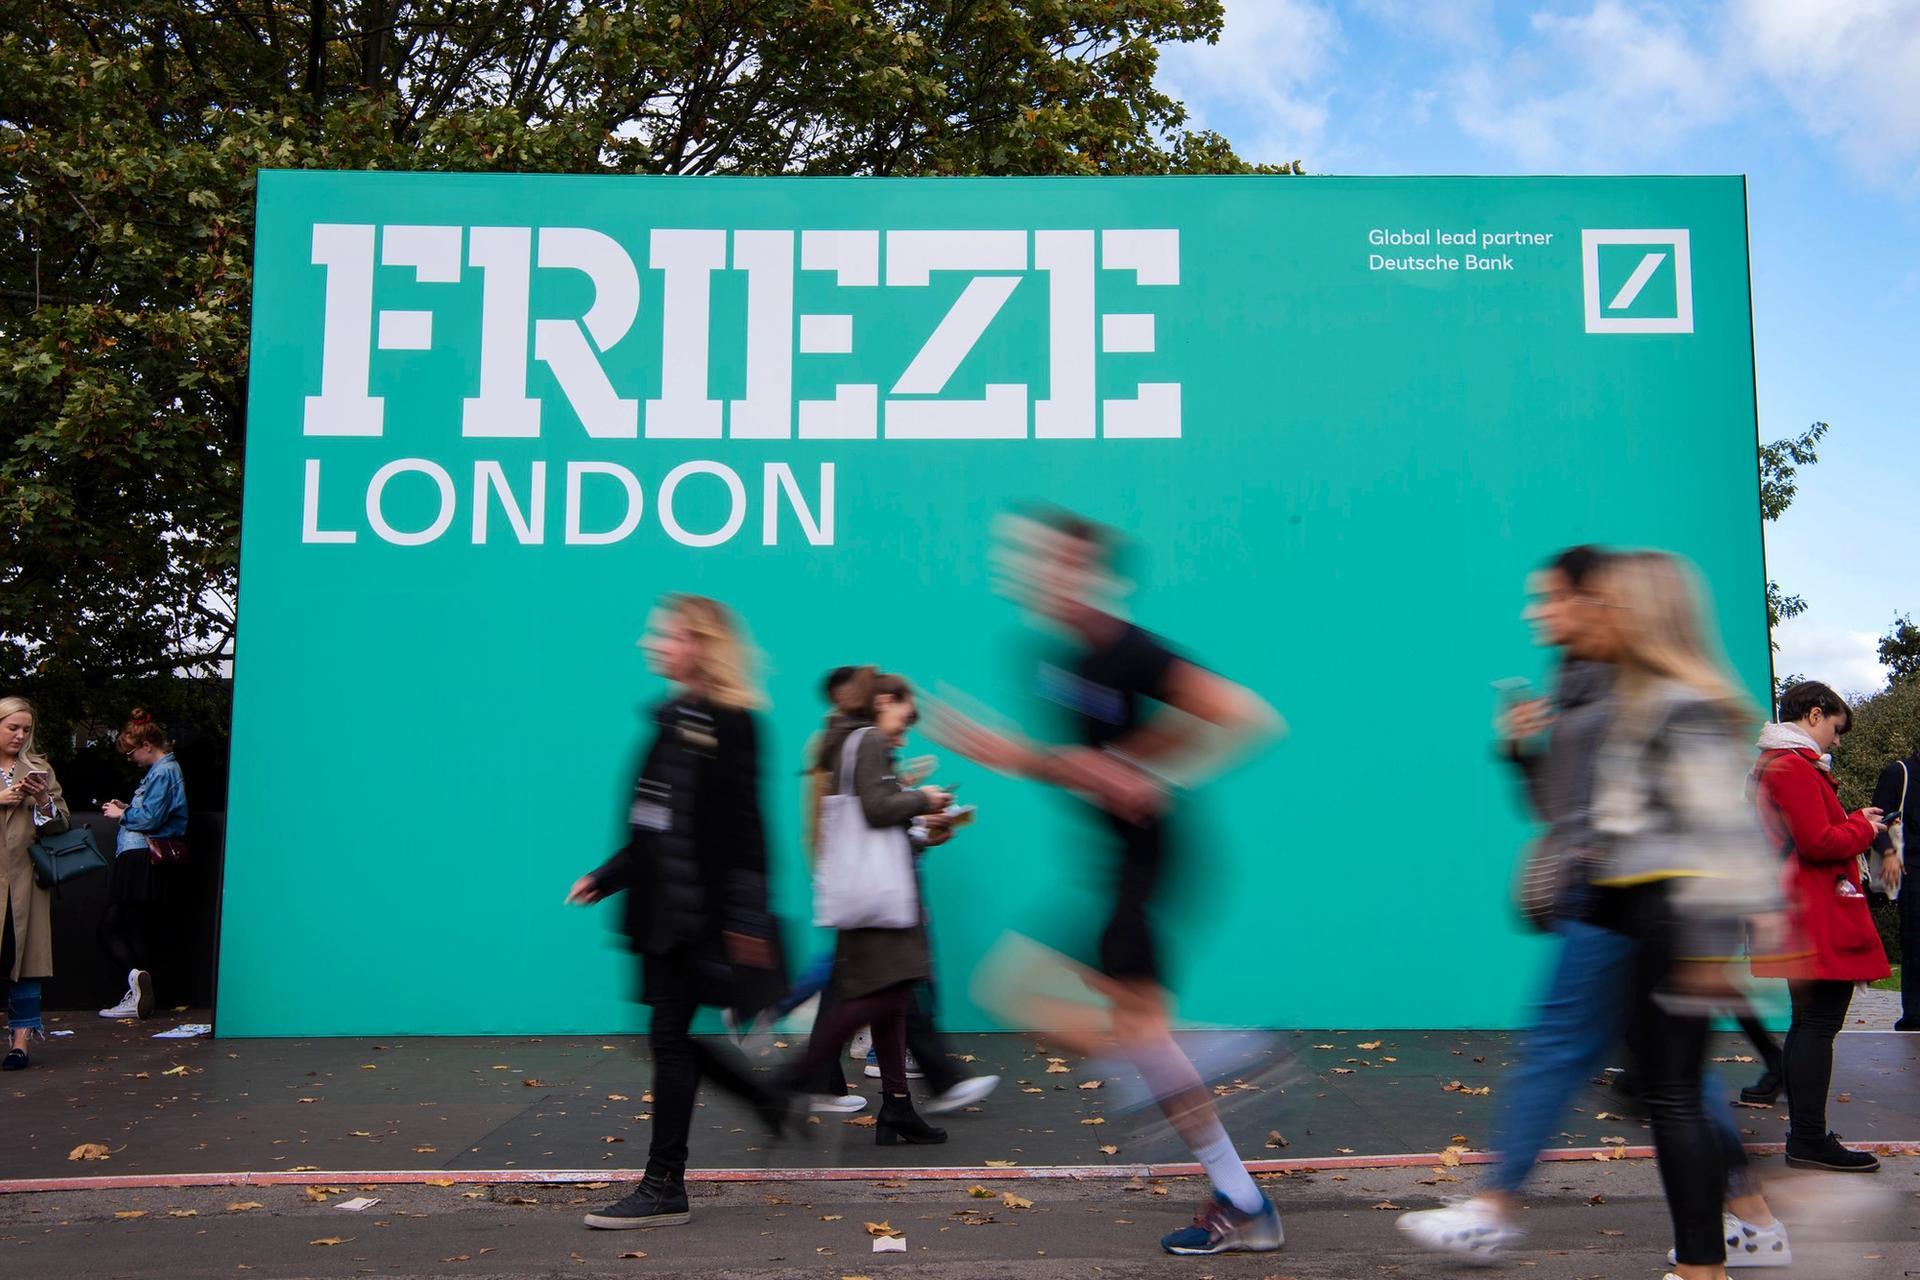 Frieze London in 2019 Photo by Linda Nylind. Courtesy of Linda Nylind/Frieze